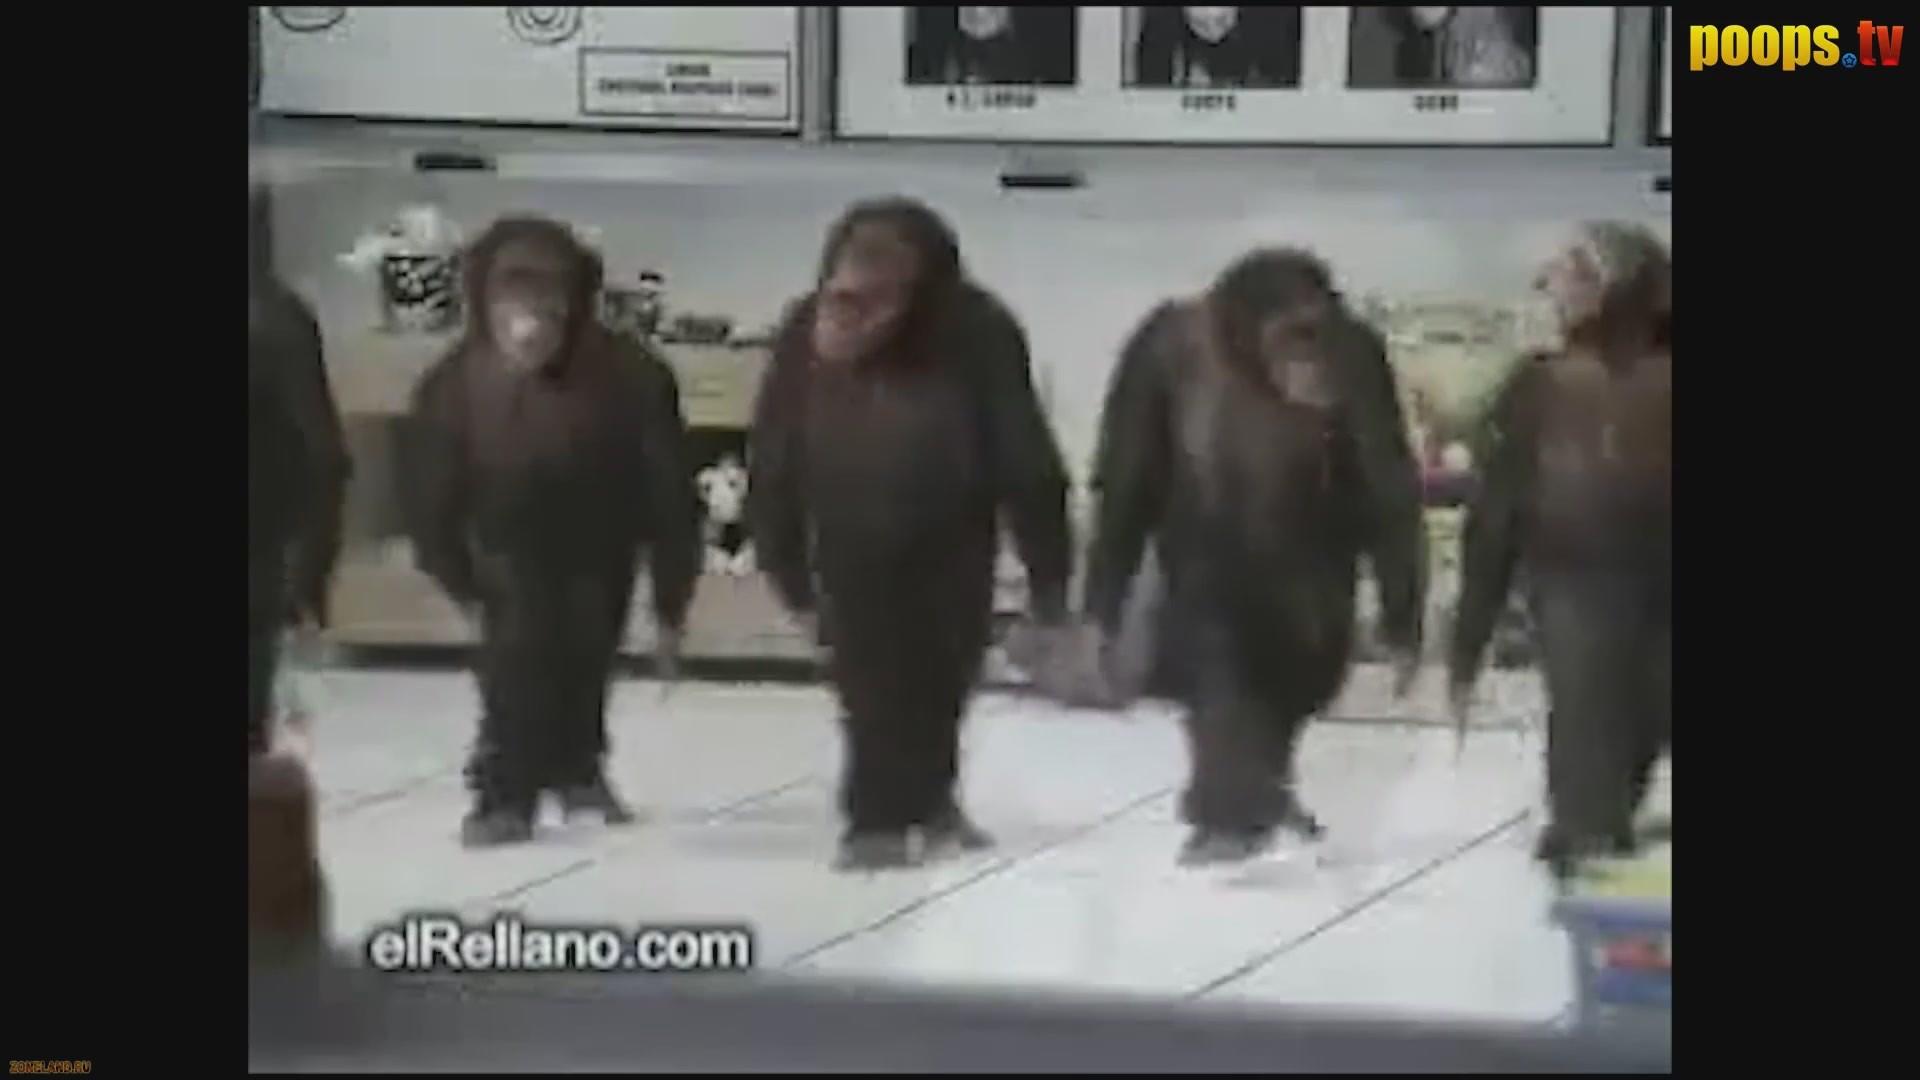 Зоофилия порно с животными смотреть онлайн бесплатно